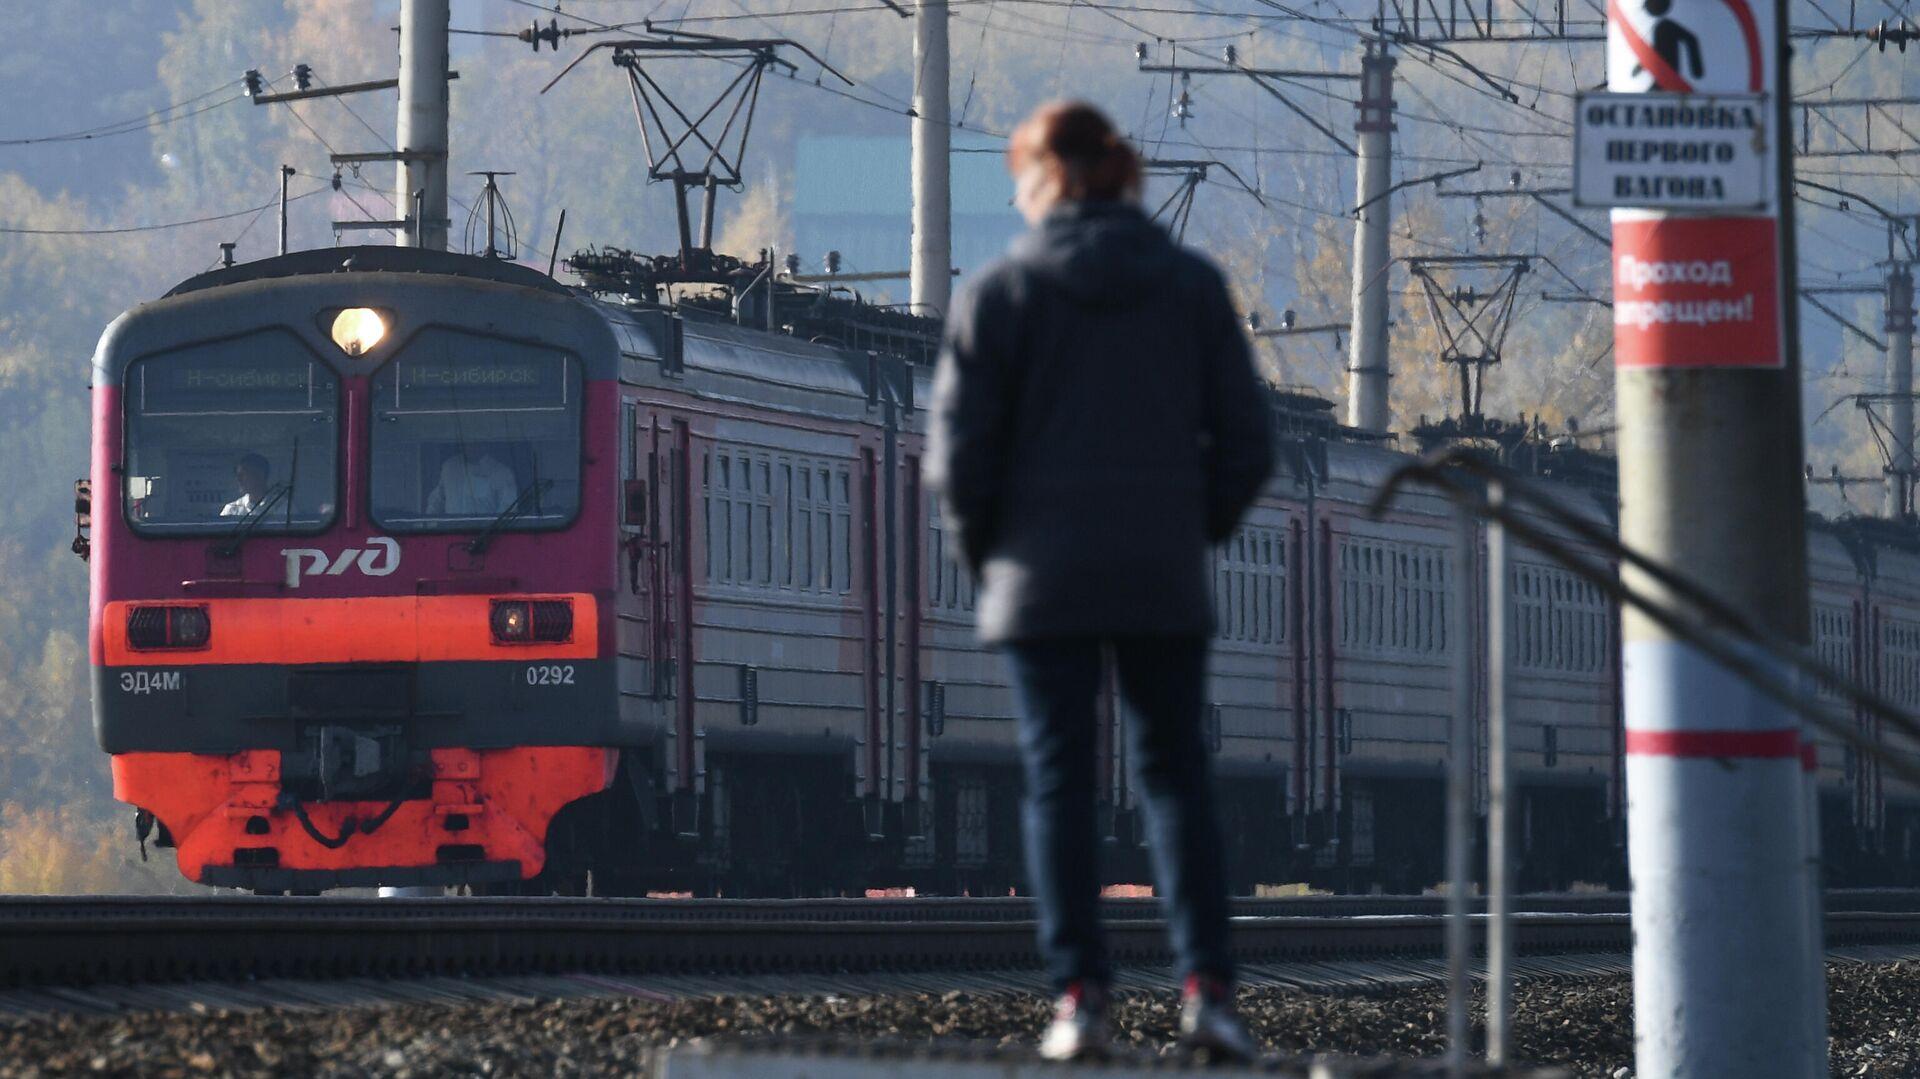 Железнодорожная платформа Левая Обь в Новосибирске  - РИА Новости, 1920, 28.03.2021